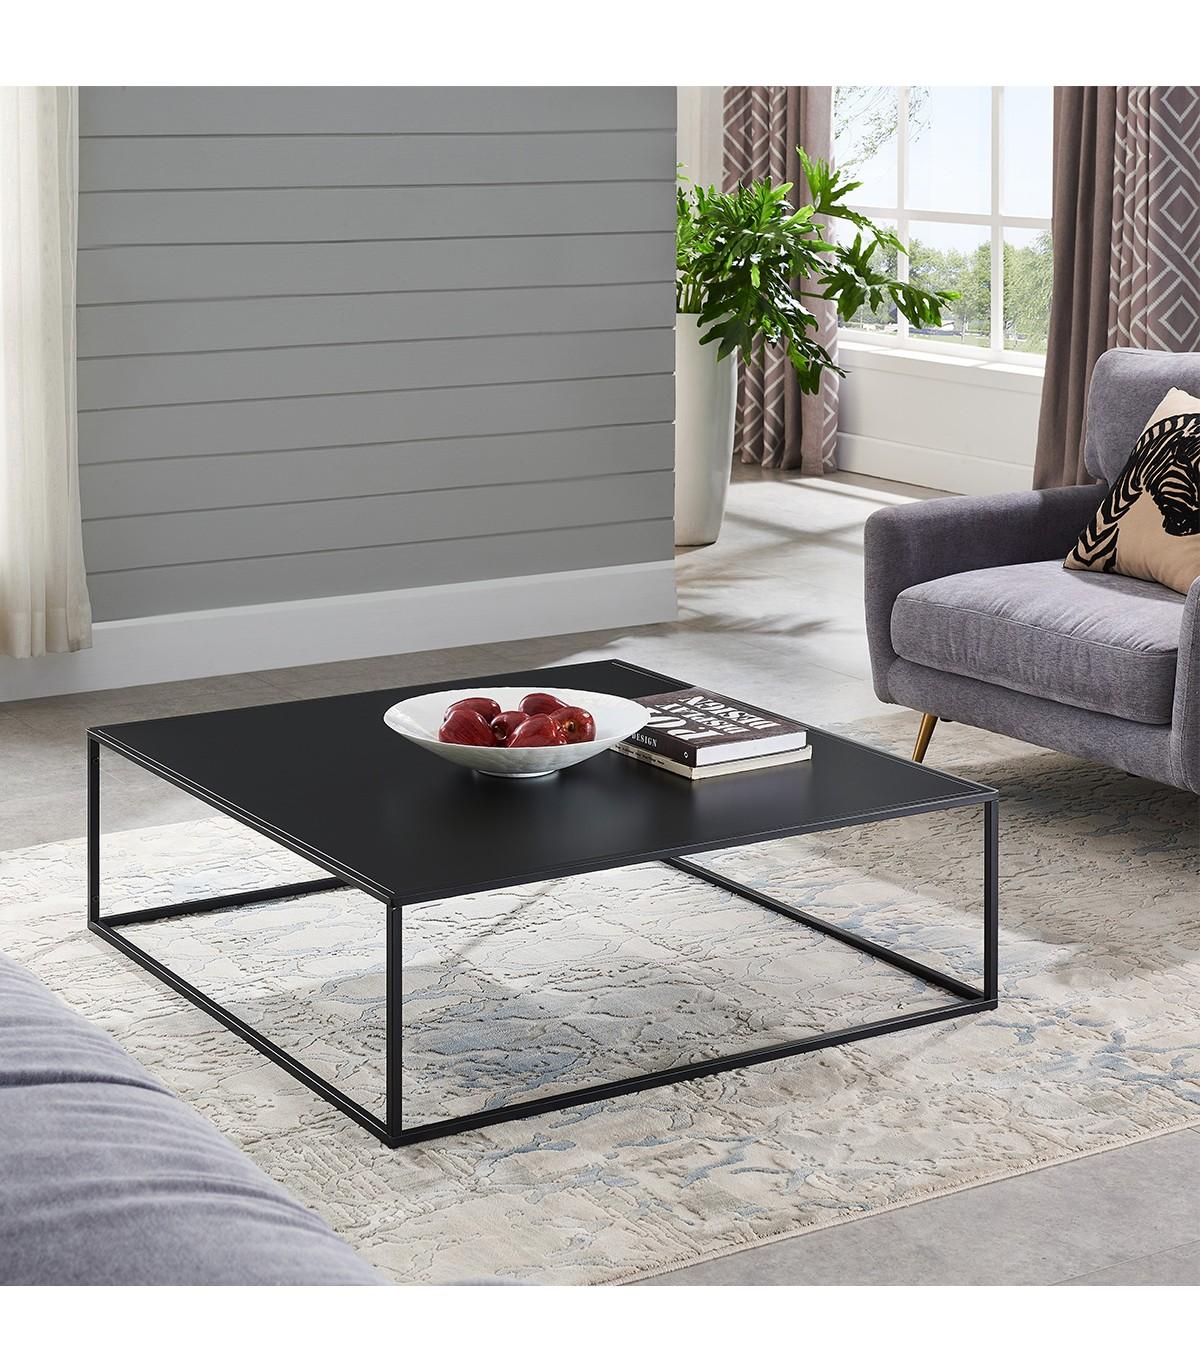 Table basse en métal carrée noire